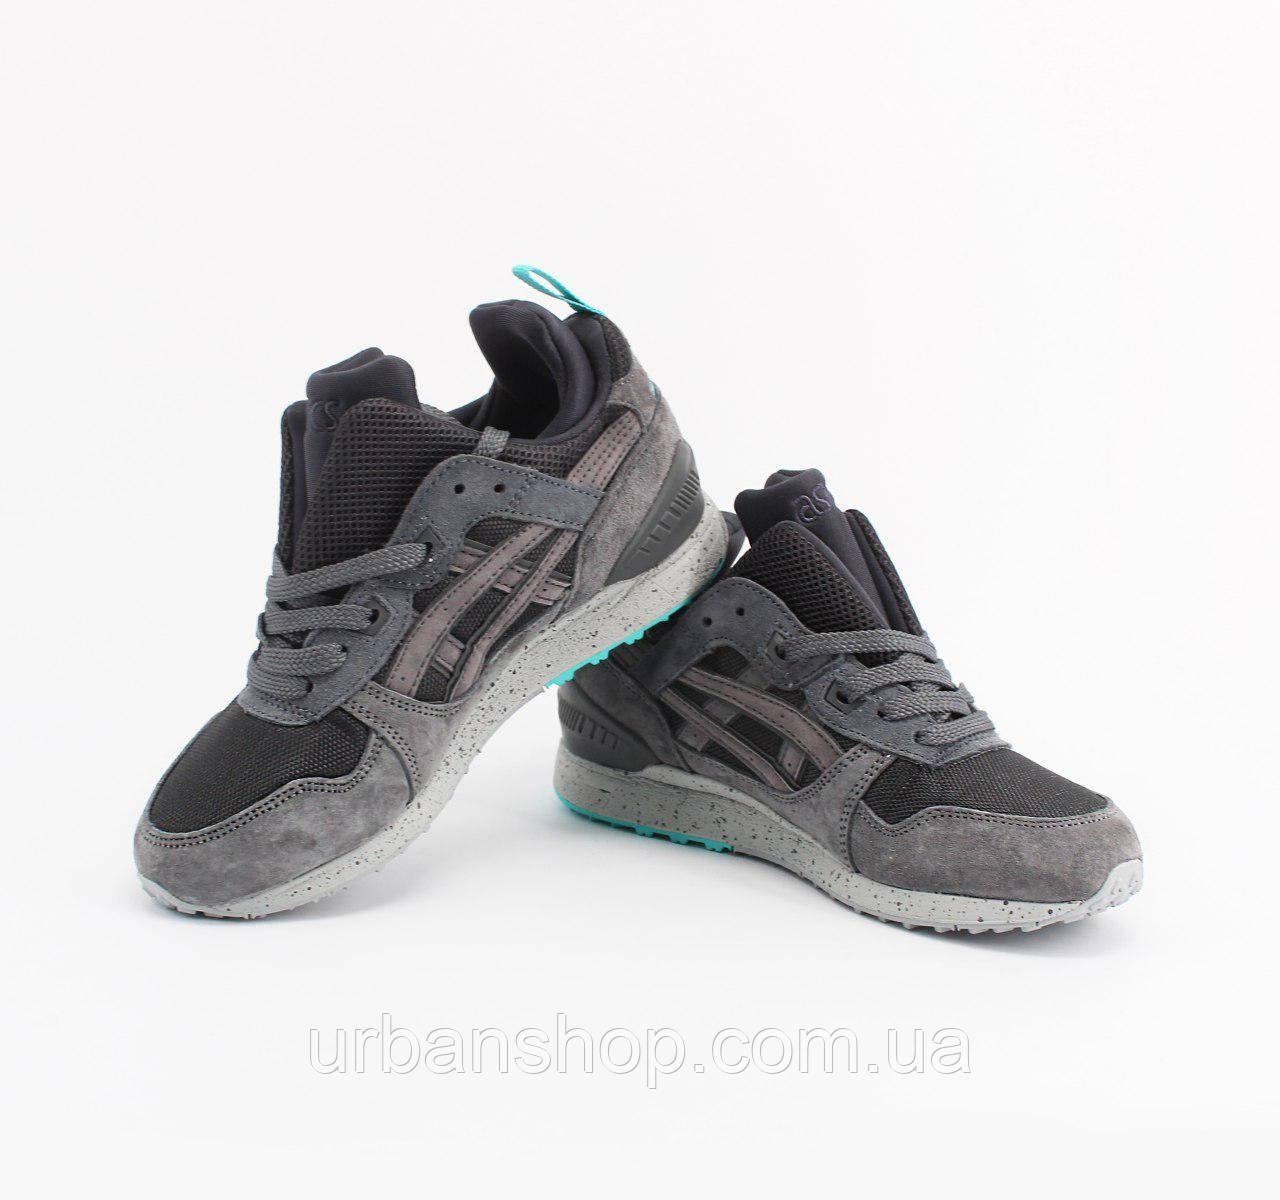 3ce946989cc83d Купить Взуття Asics Asics Gel Lyte III MT